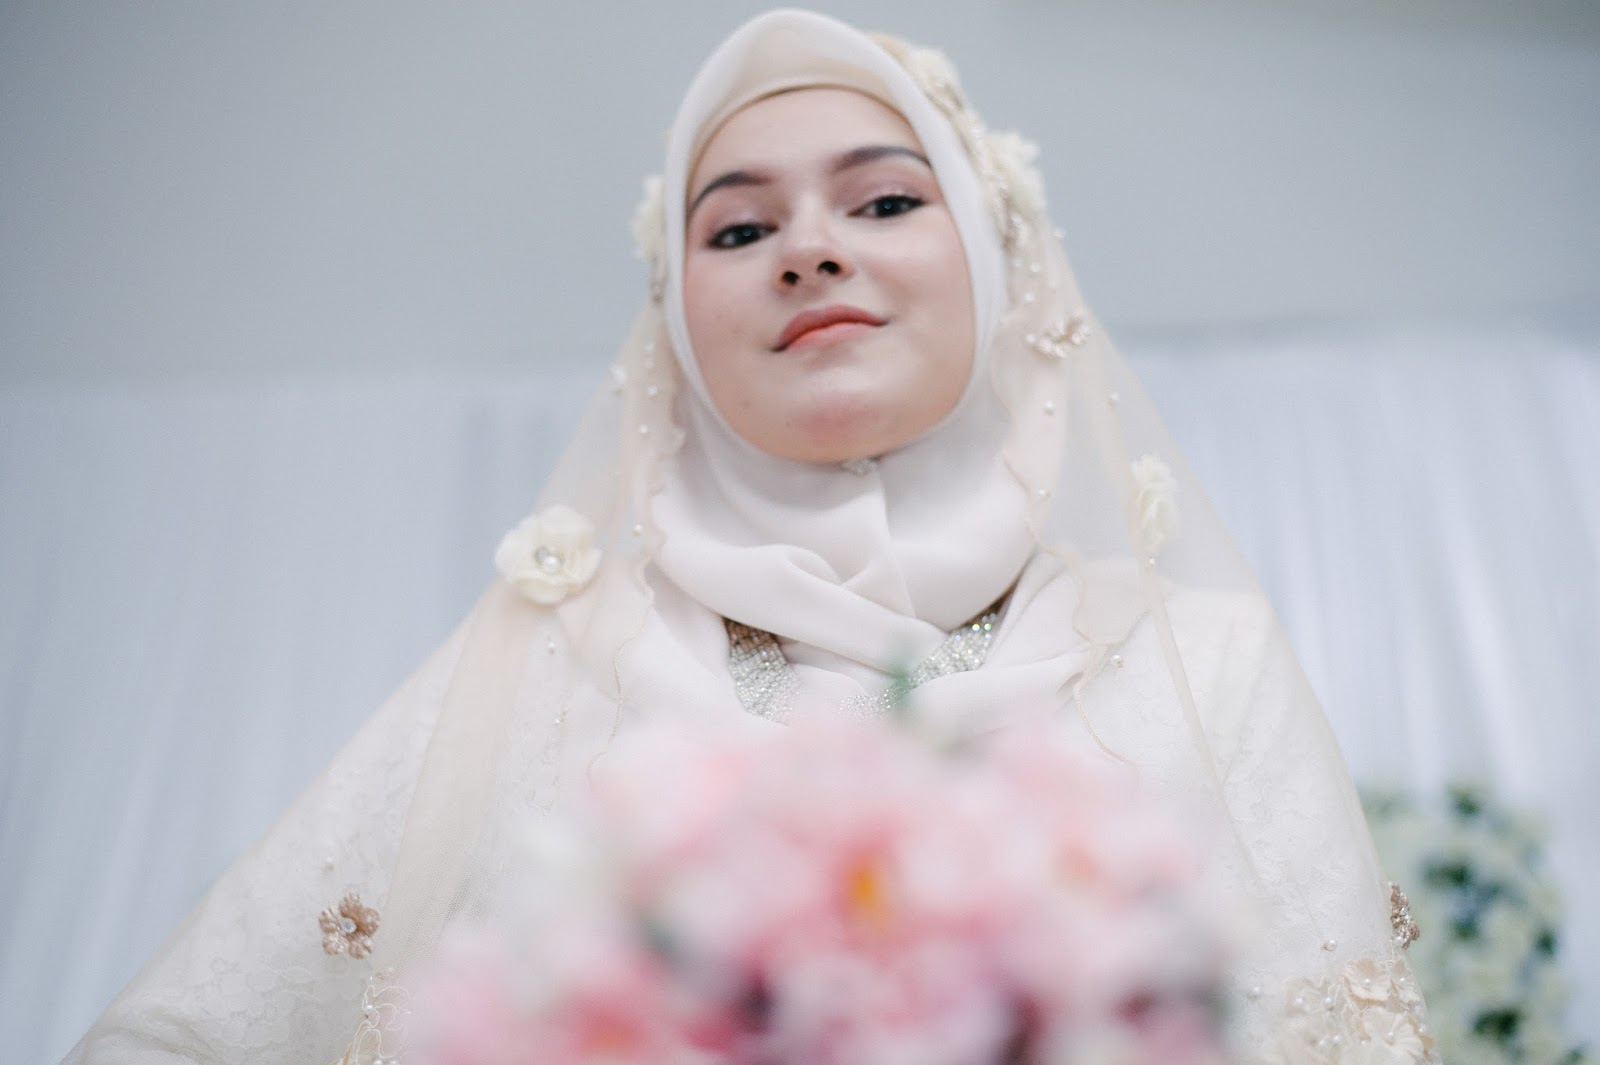 An + Shahidah